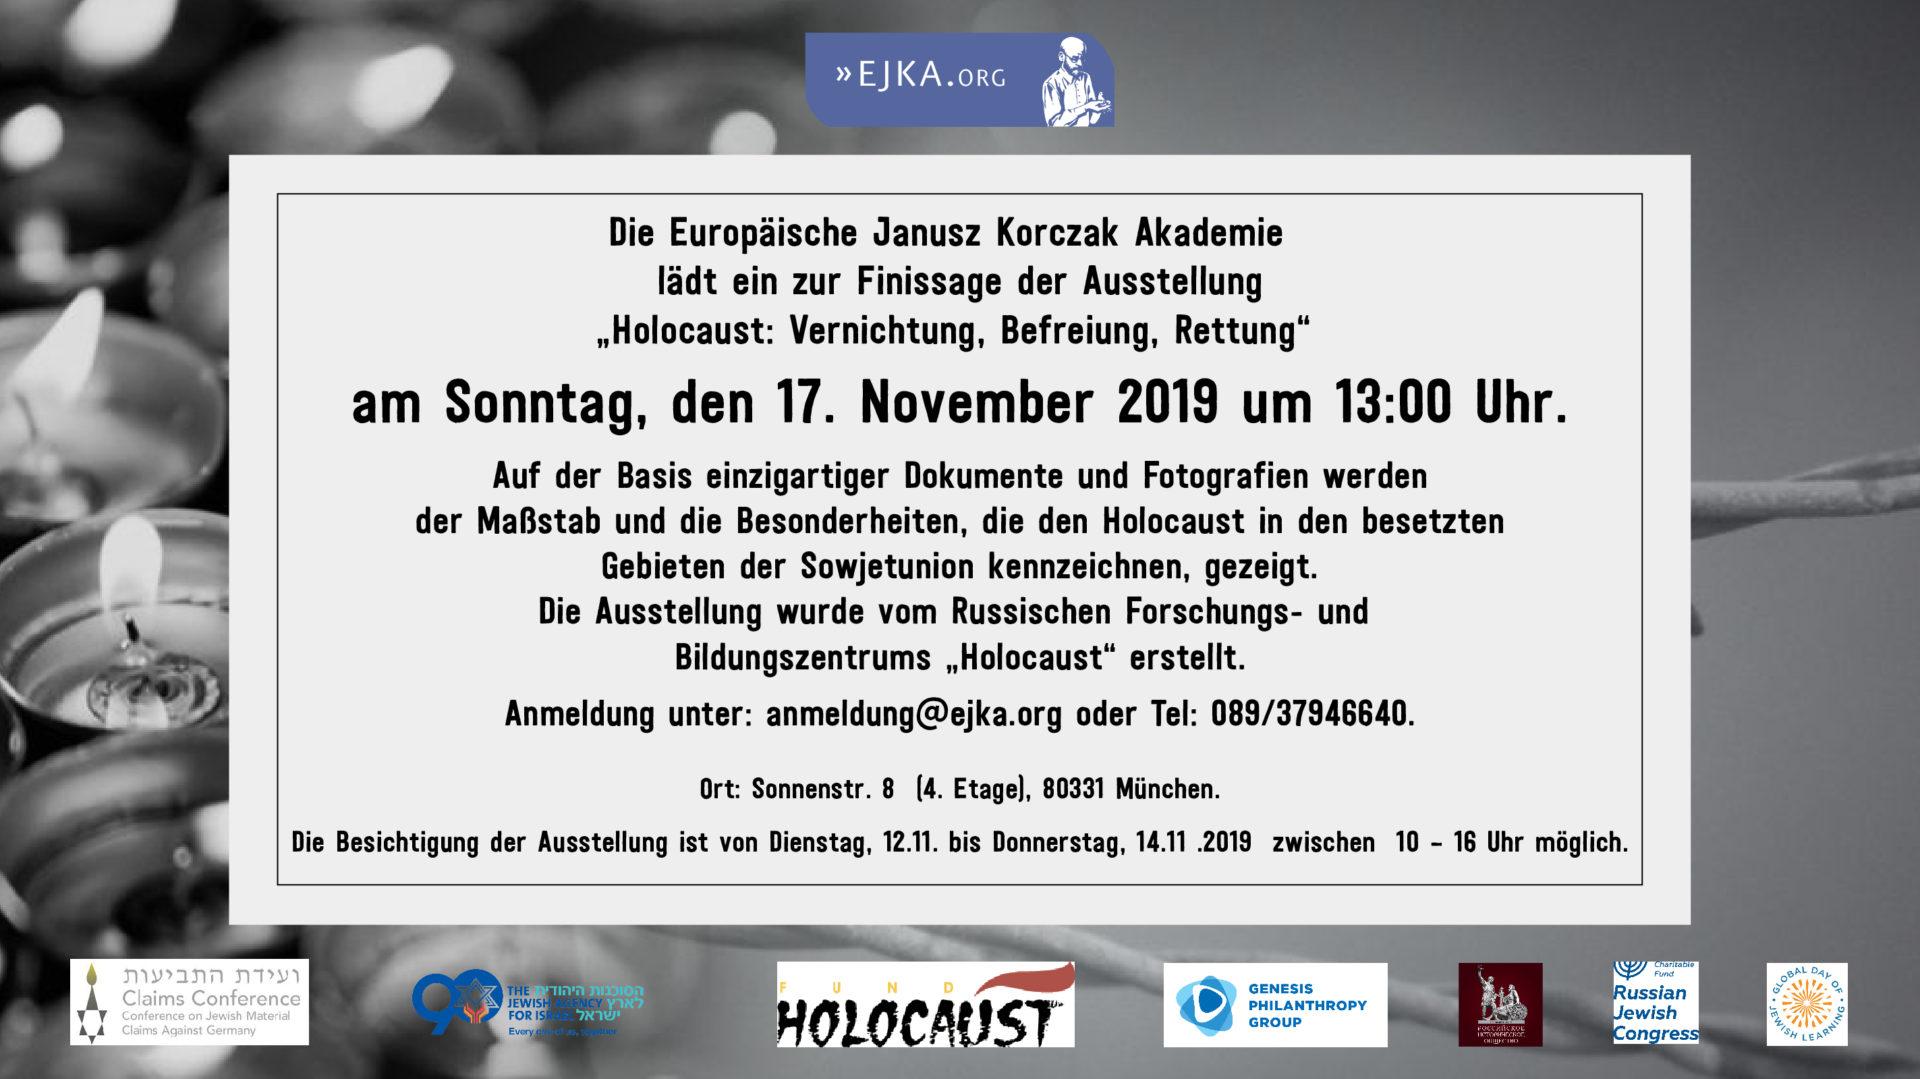 Выставки и круглые столы в Мюнхене и Нюрнберге